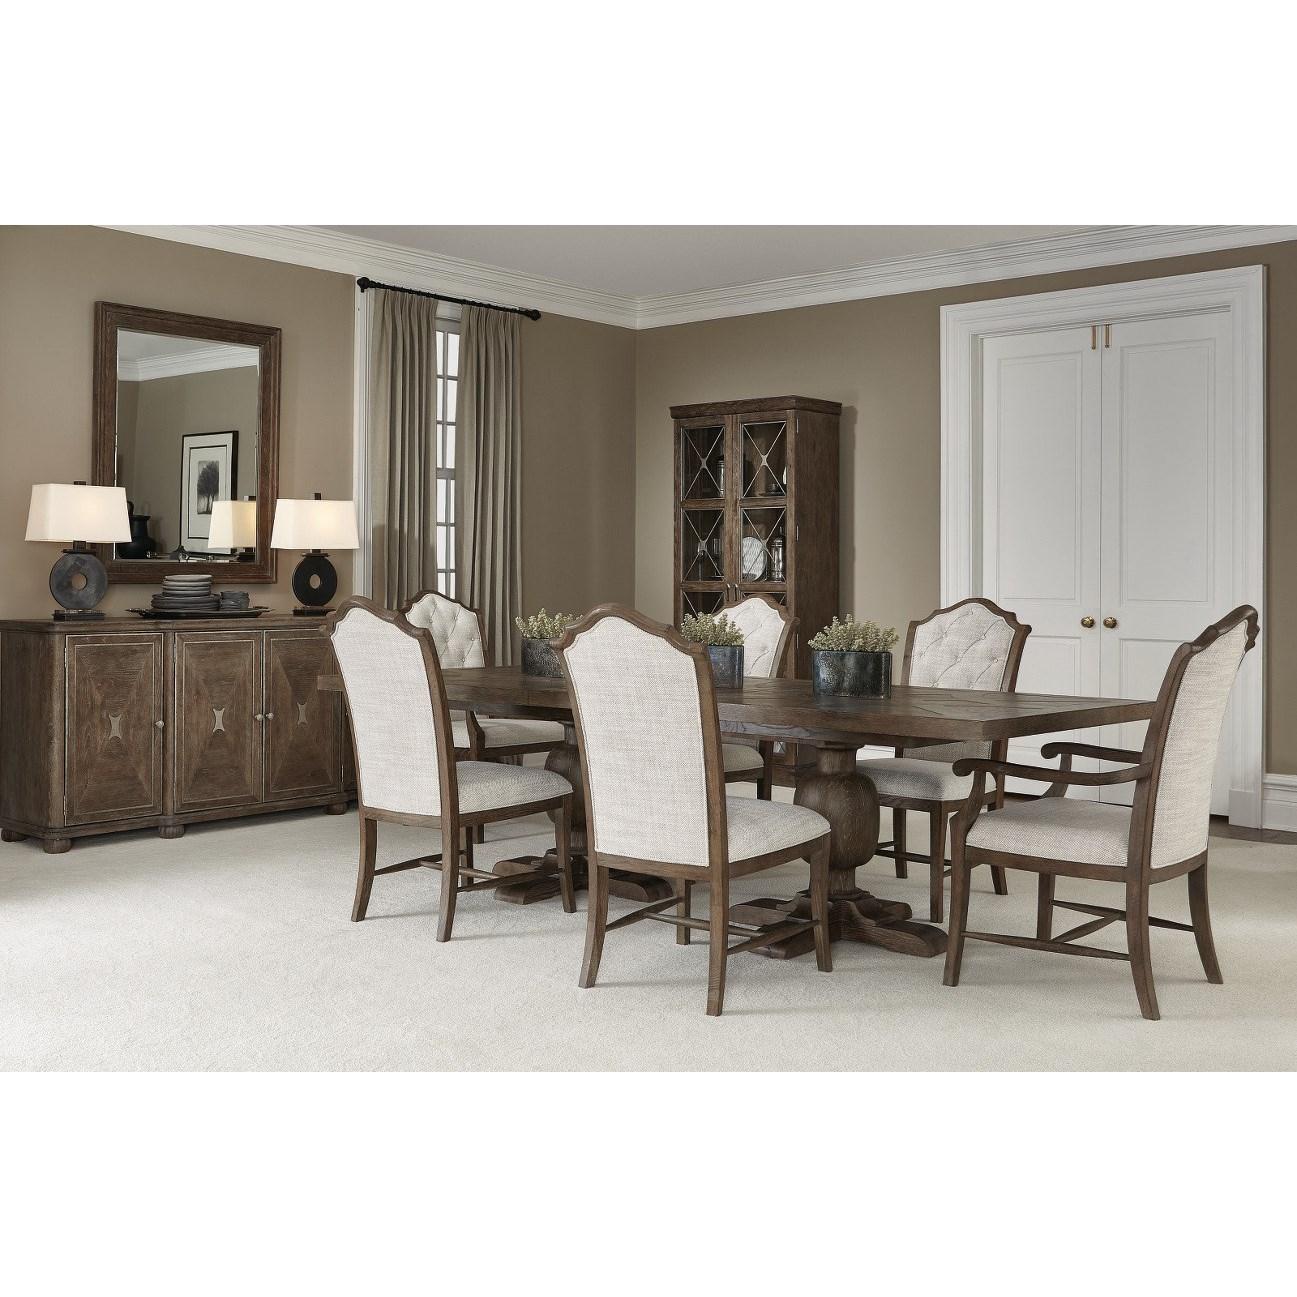 Rustic Patina Dining Room Group at Williams & Kay